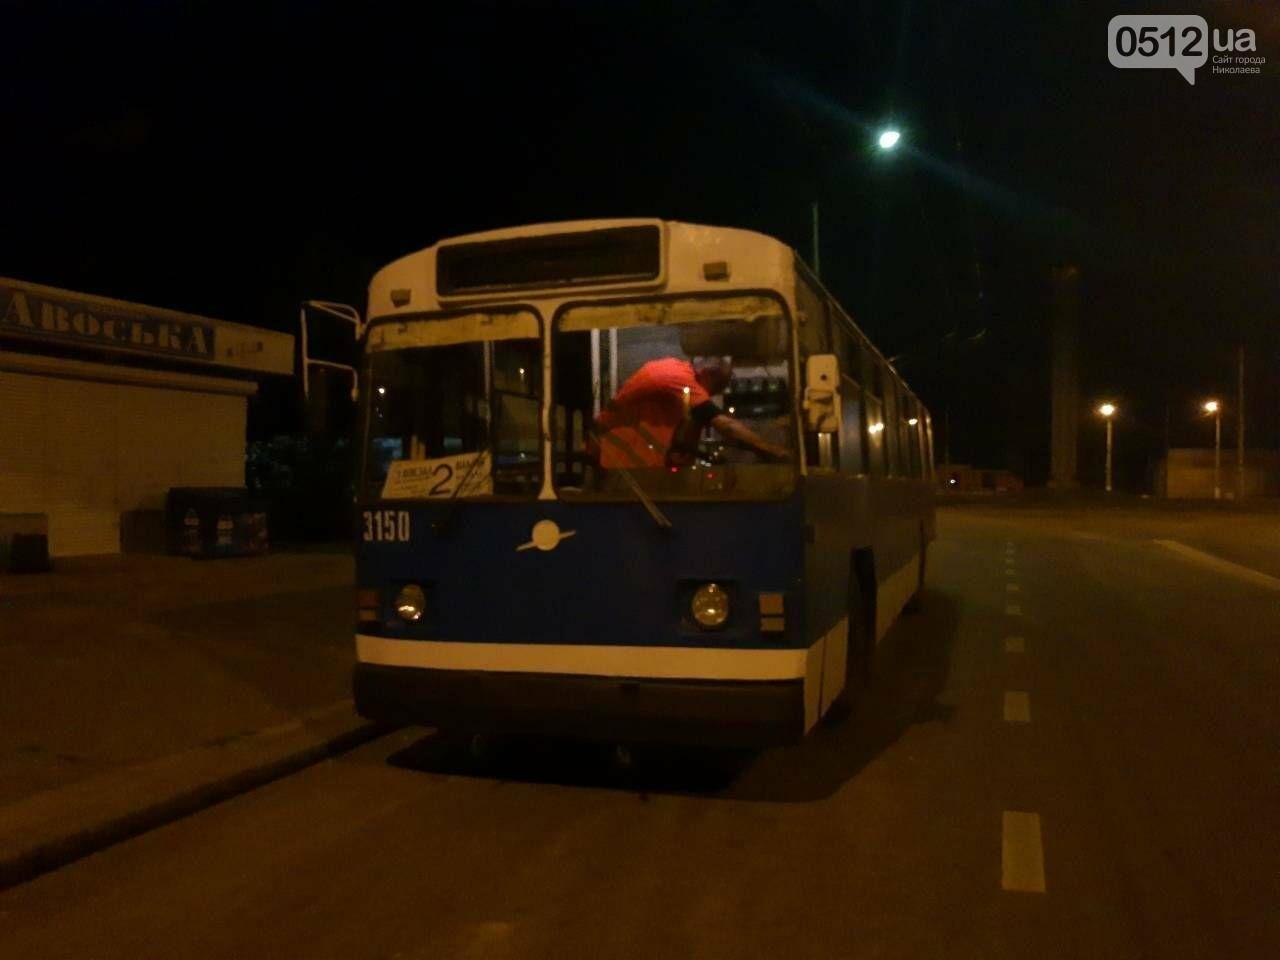 В Николаеве водитель троллейбуса №2 захлопнул двери и чуть не переехал ребенка, - ФОТО, фото-1